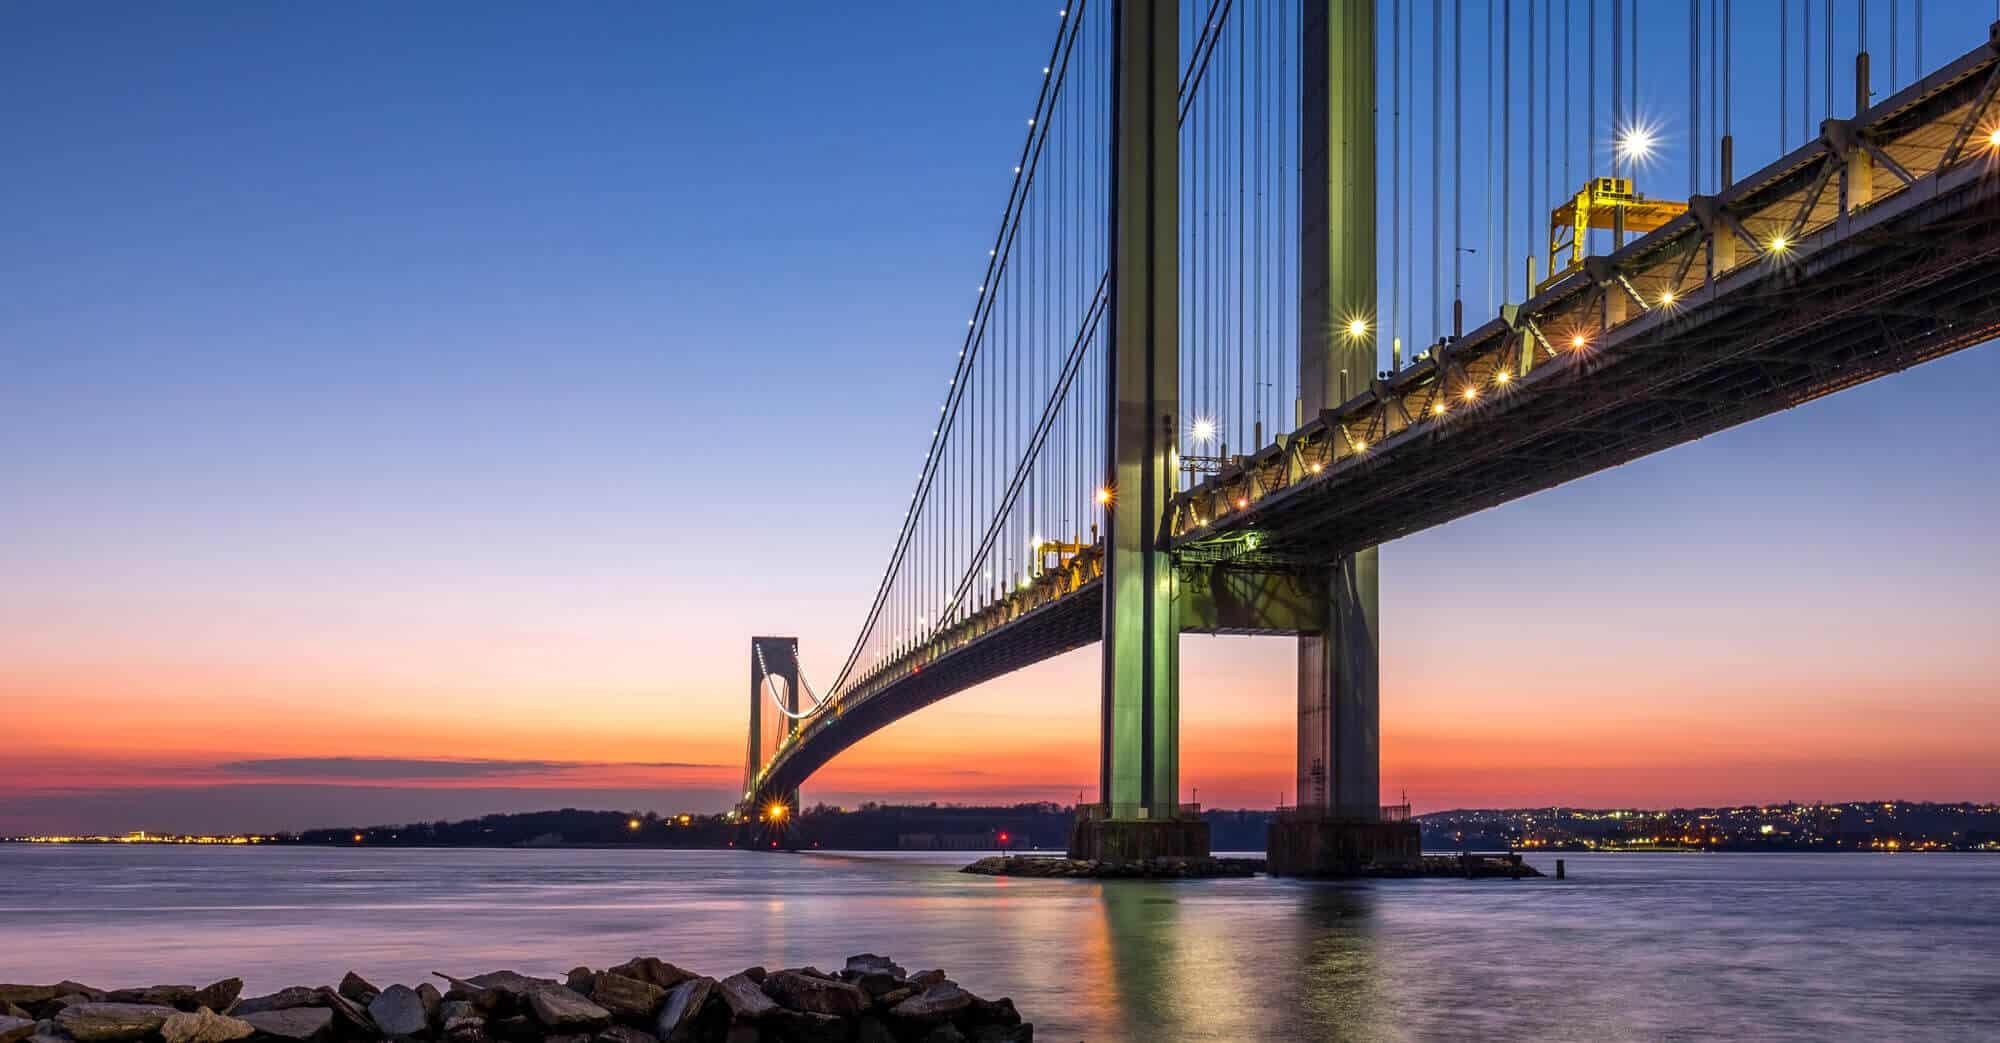 New York Verrazano Bridge - new york personal injury lawyers